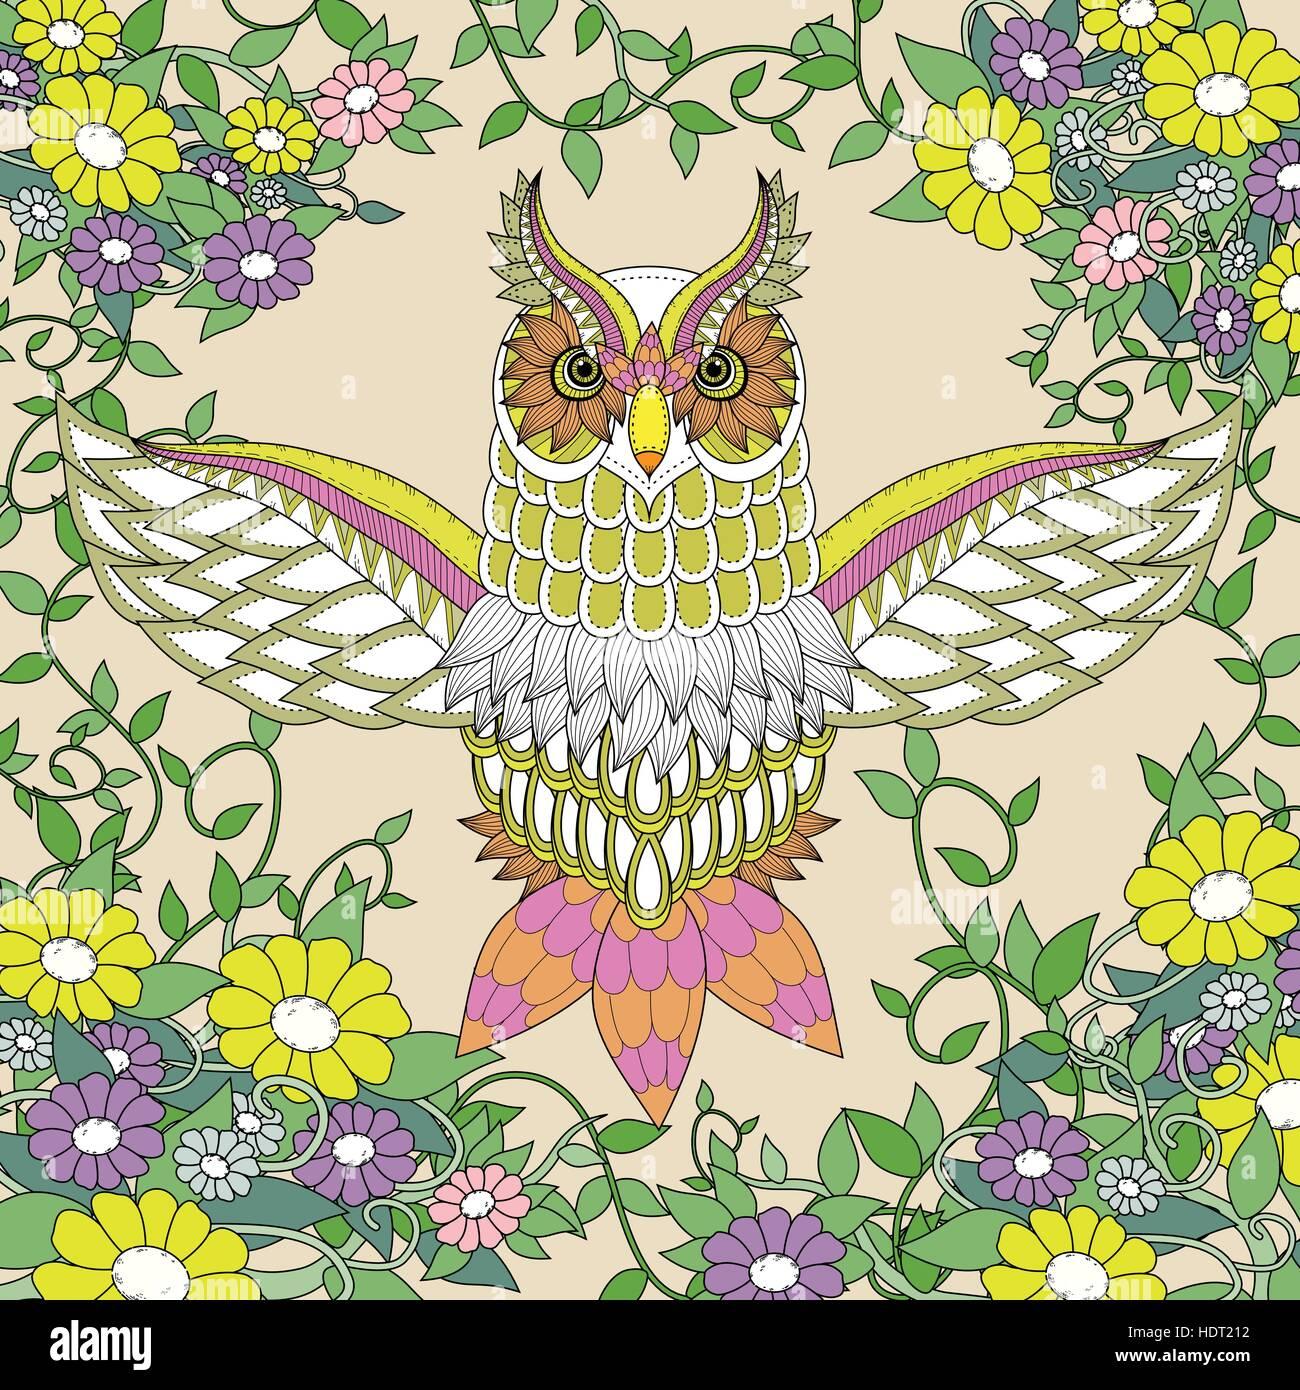 Búho Hermoso Diseño De Páginas Para Colorear En Un Exquisito